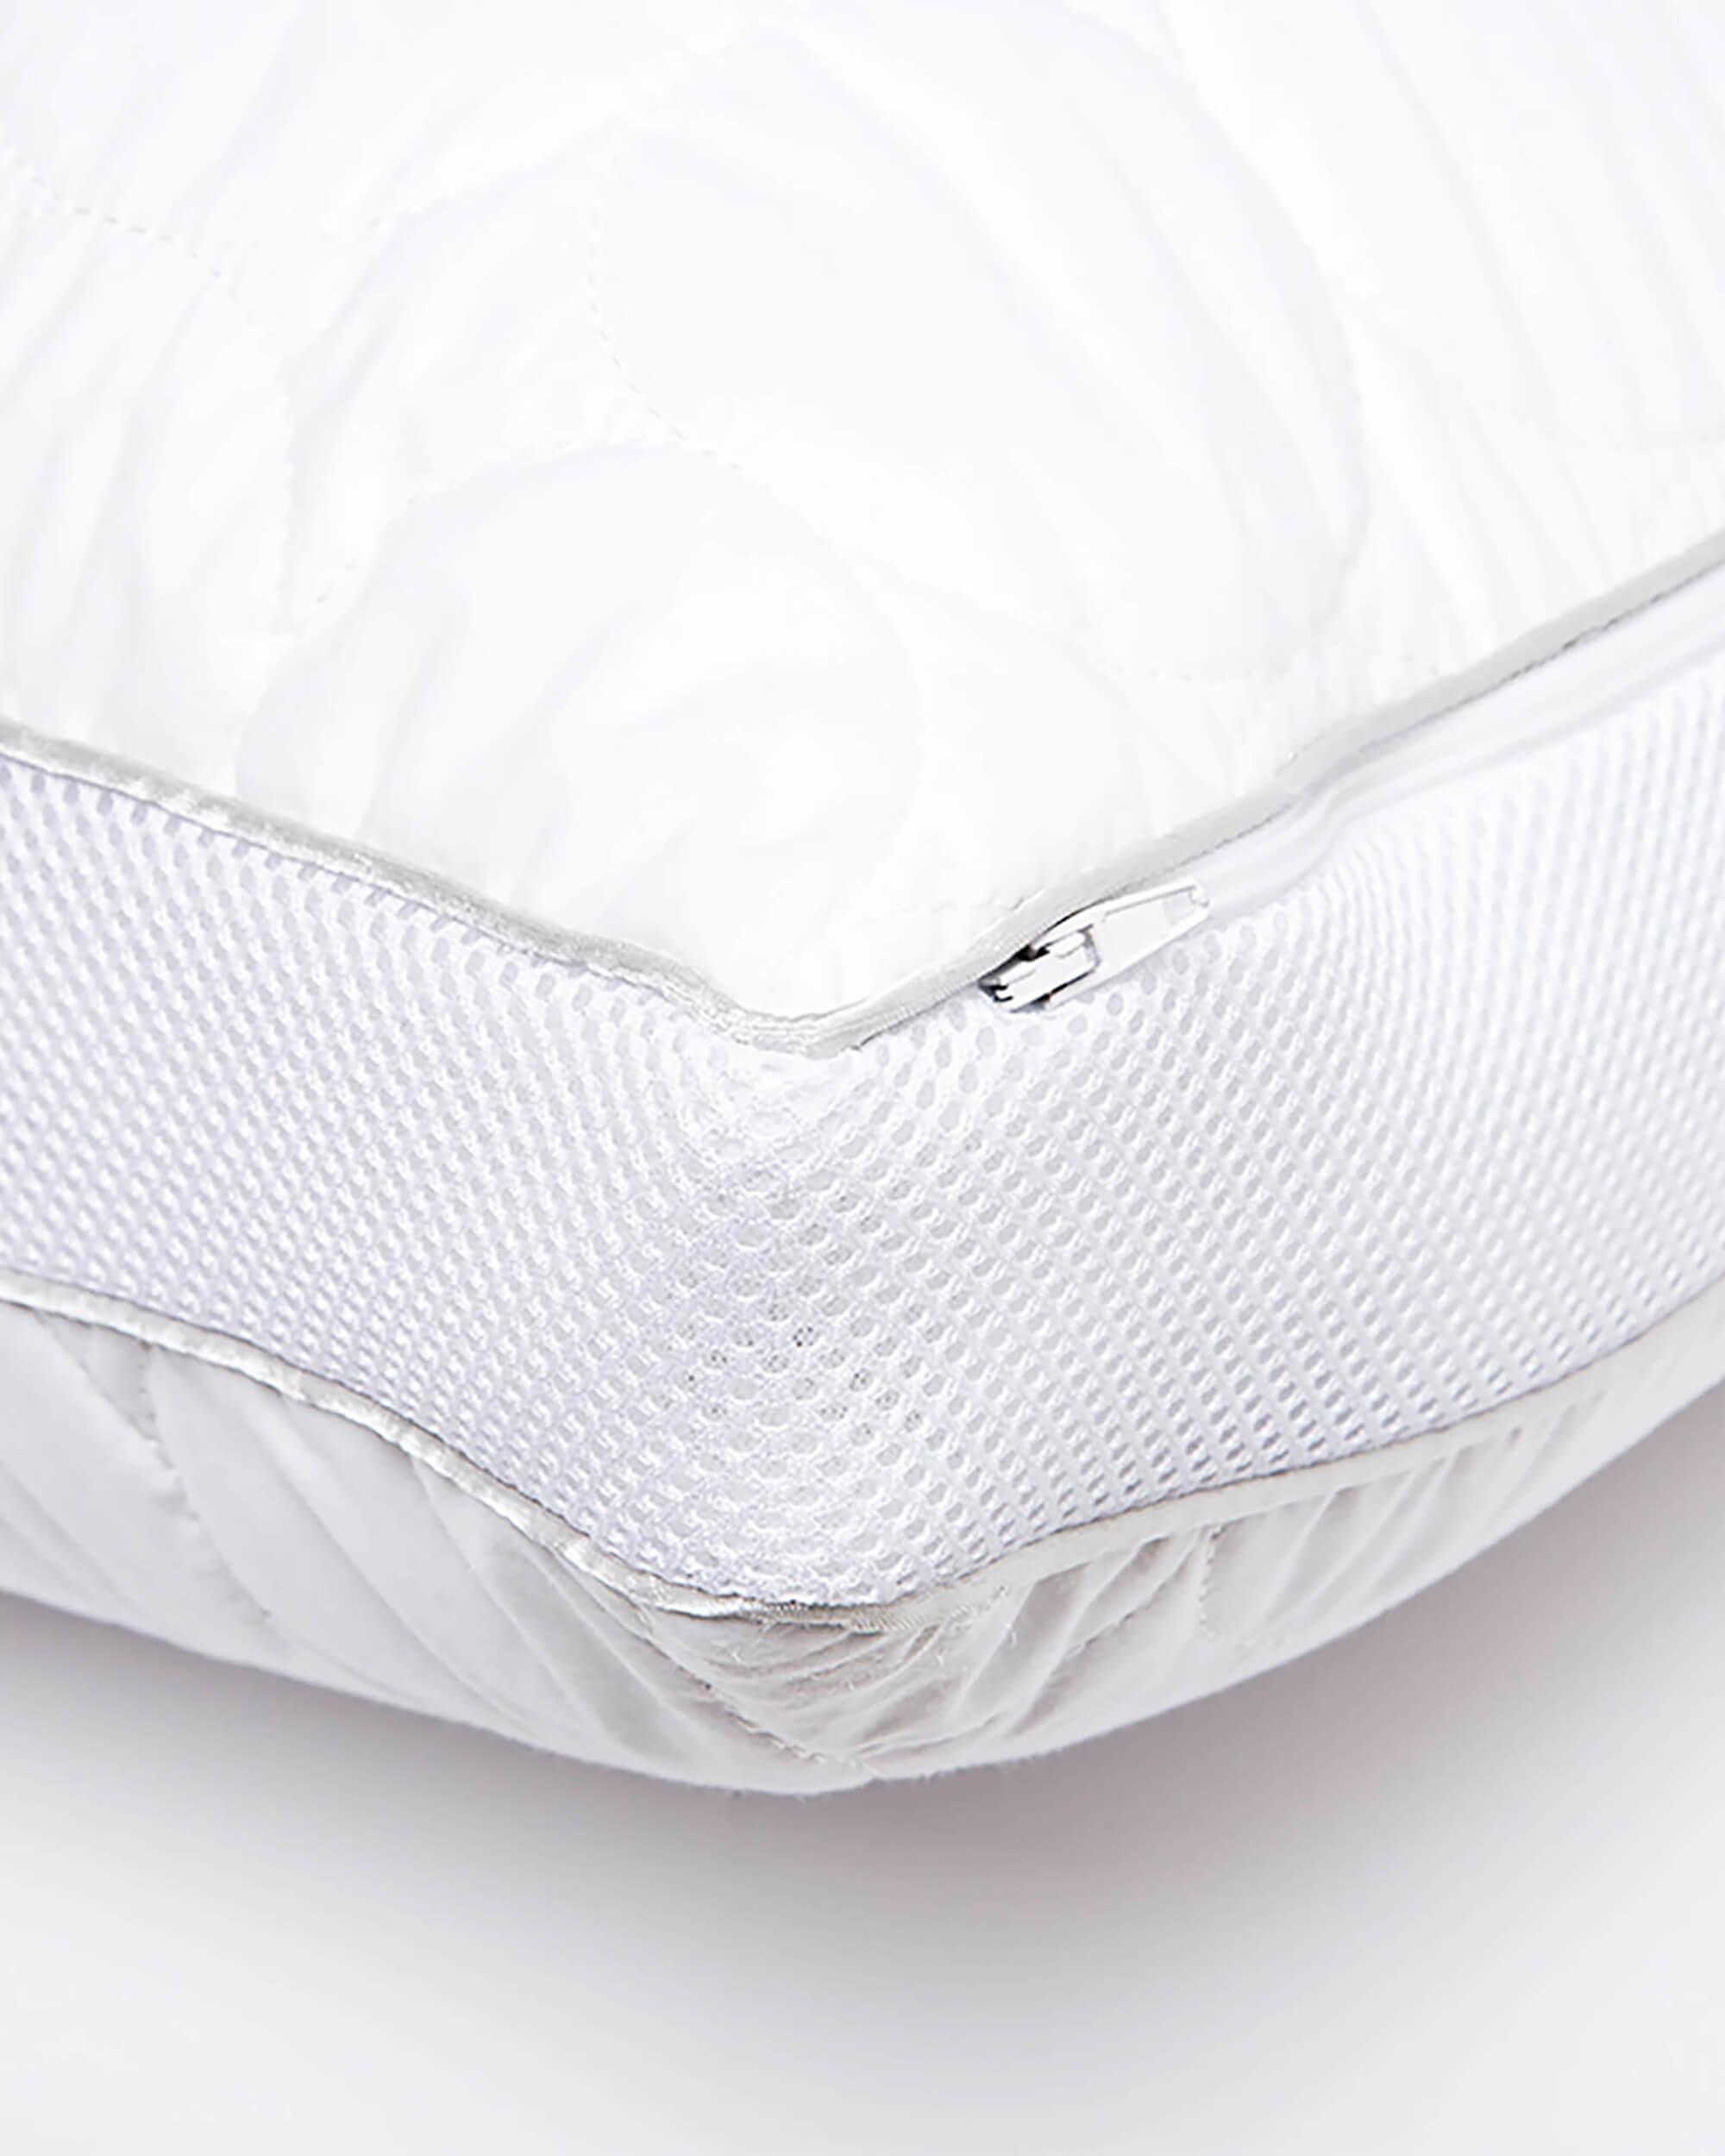 Adjustable Pillow Customisable Height Amp Firmness Kally Sleep